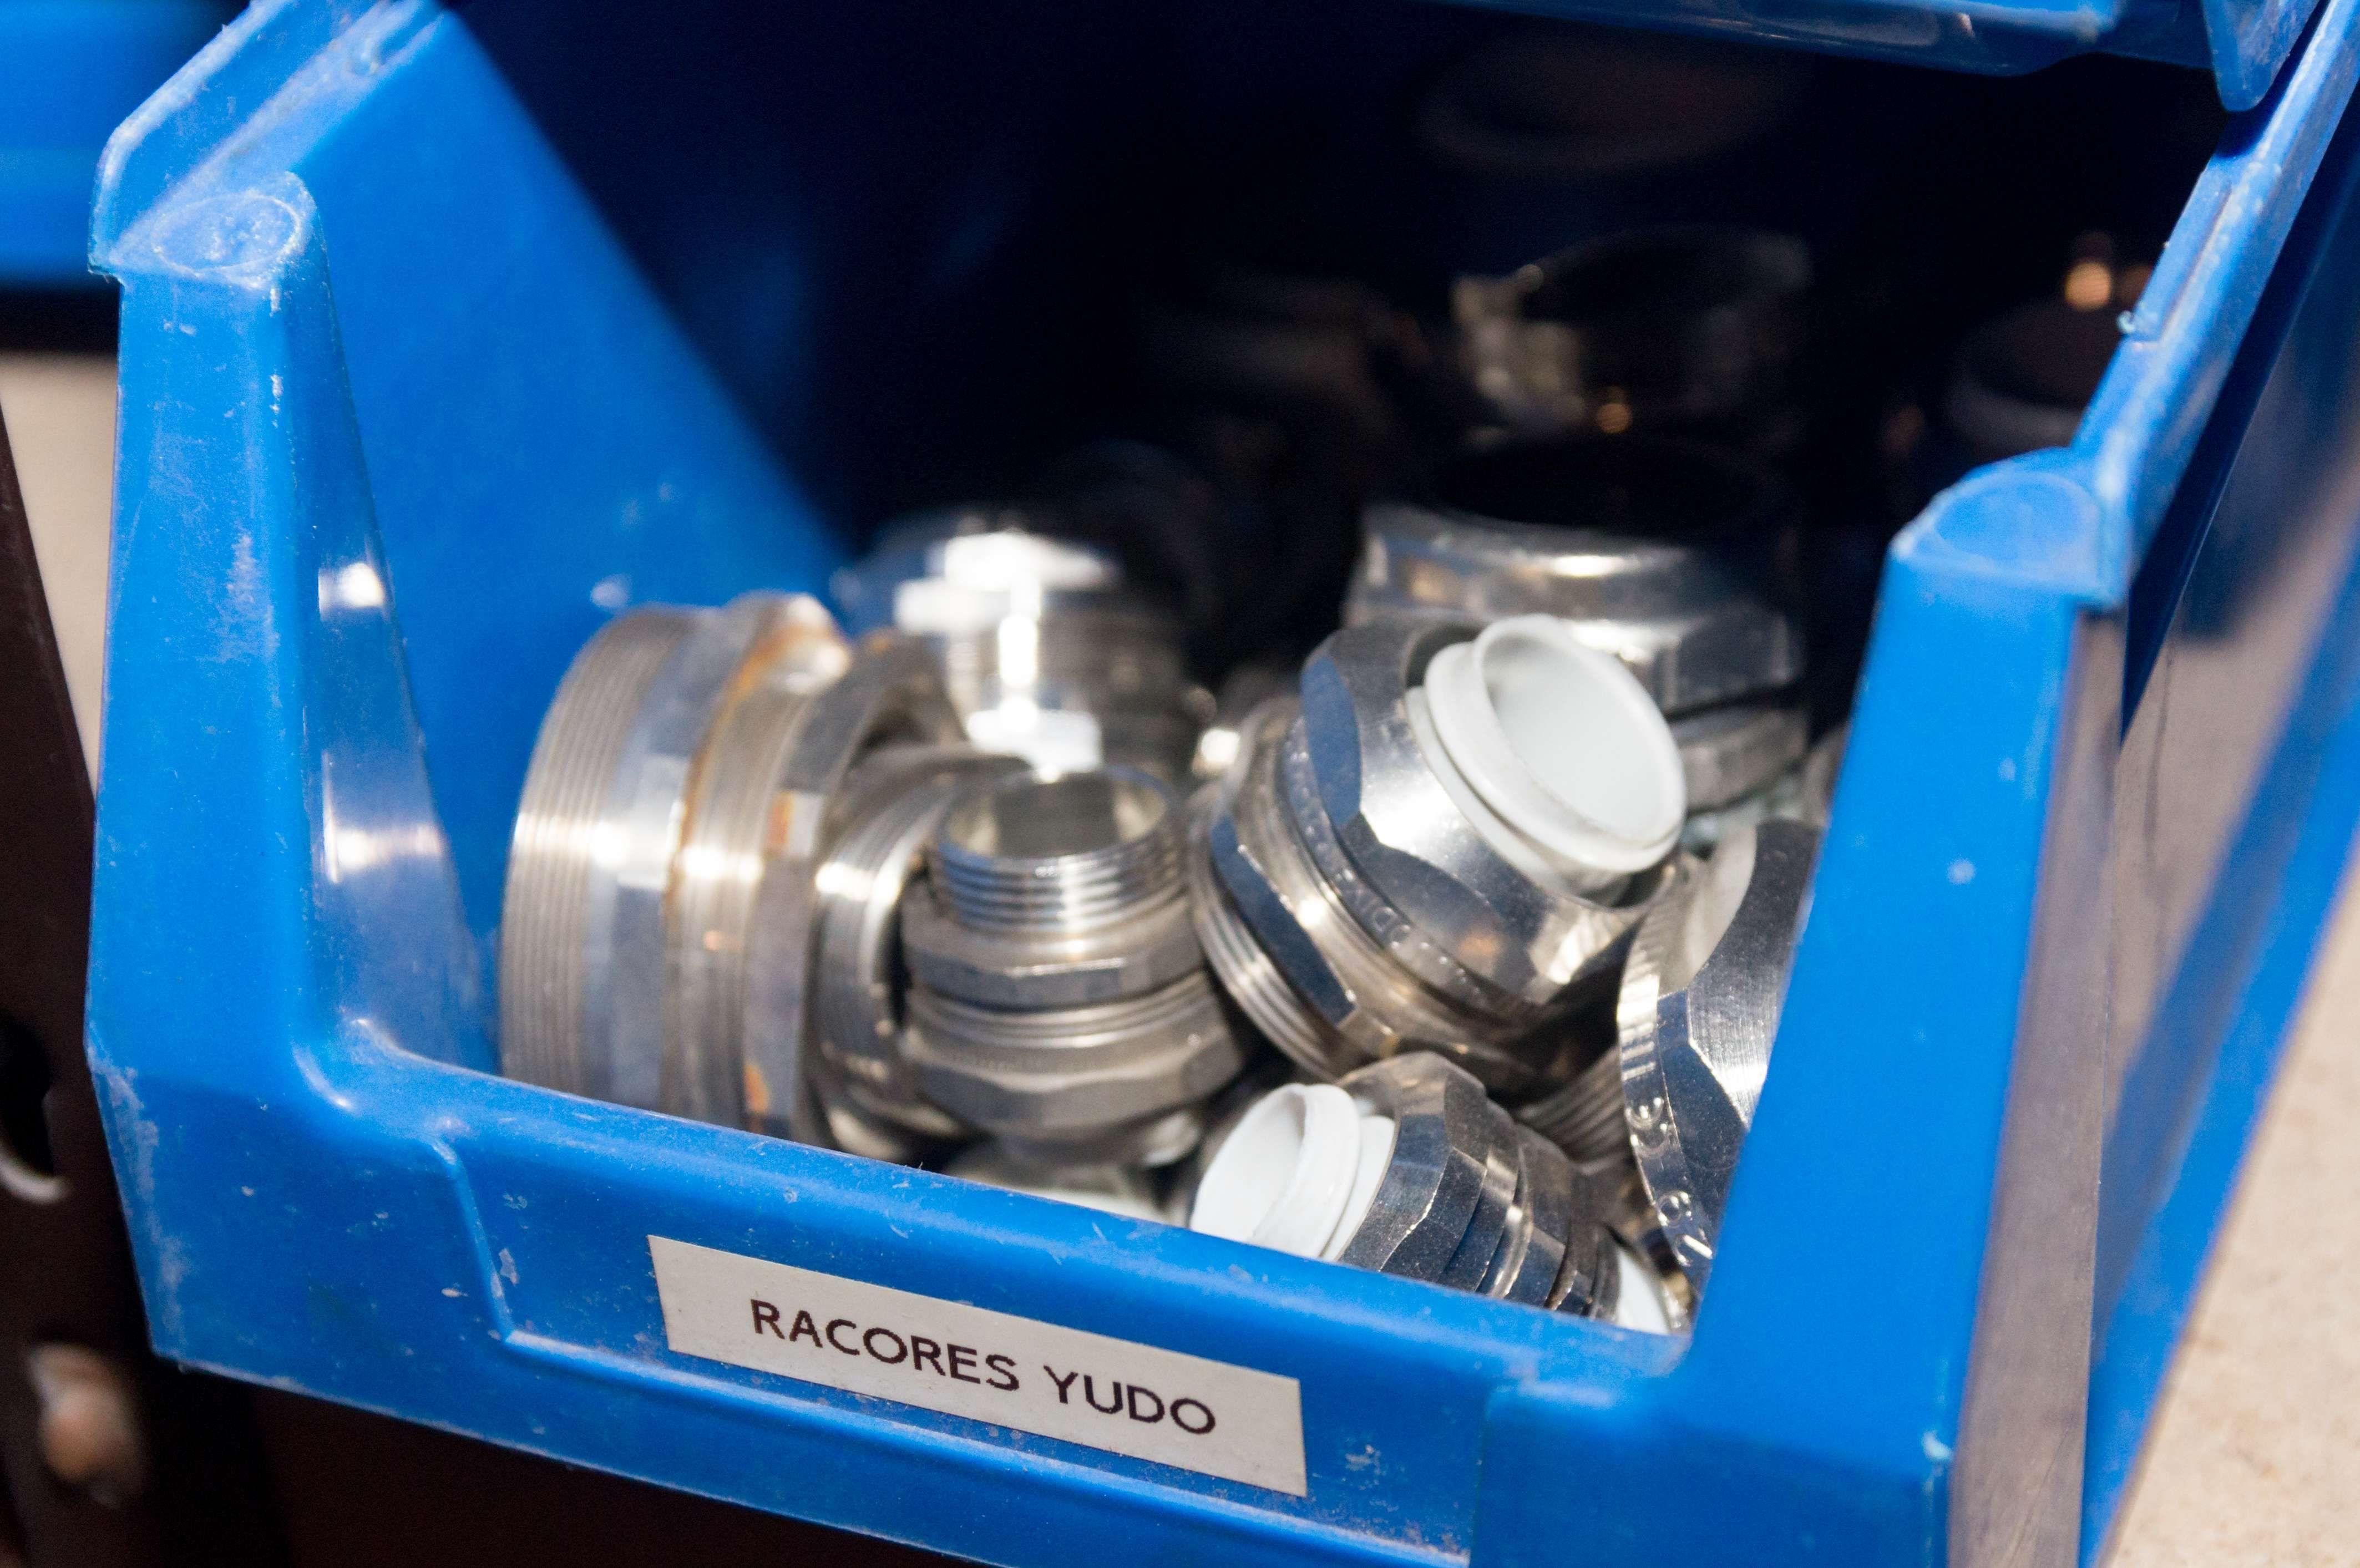 Racores yudo piezas que se utilizan en los mantenimientos